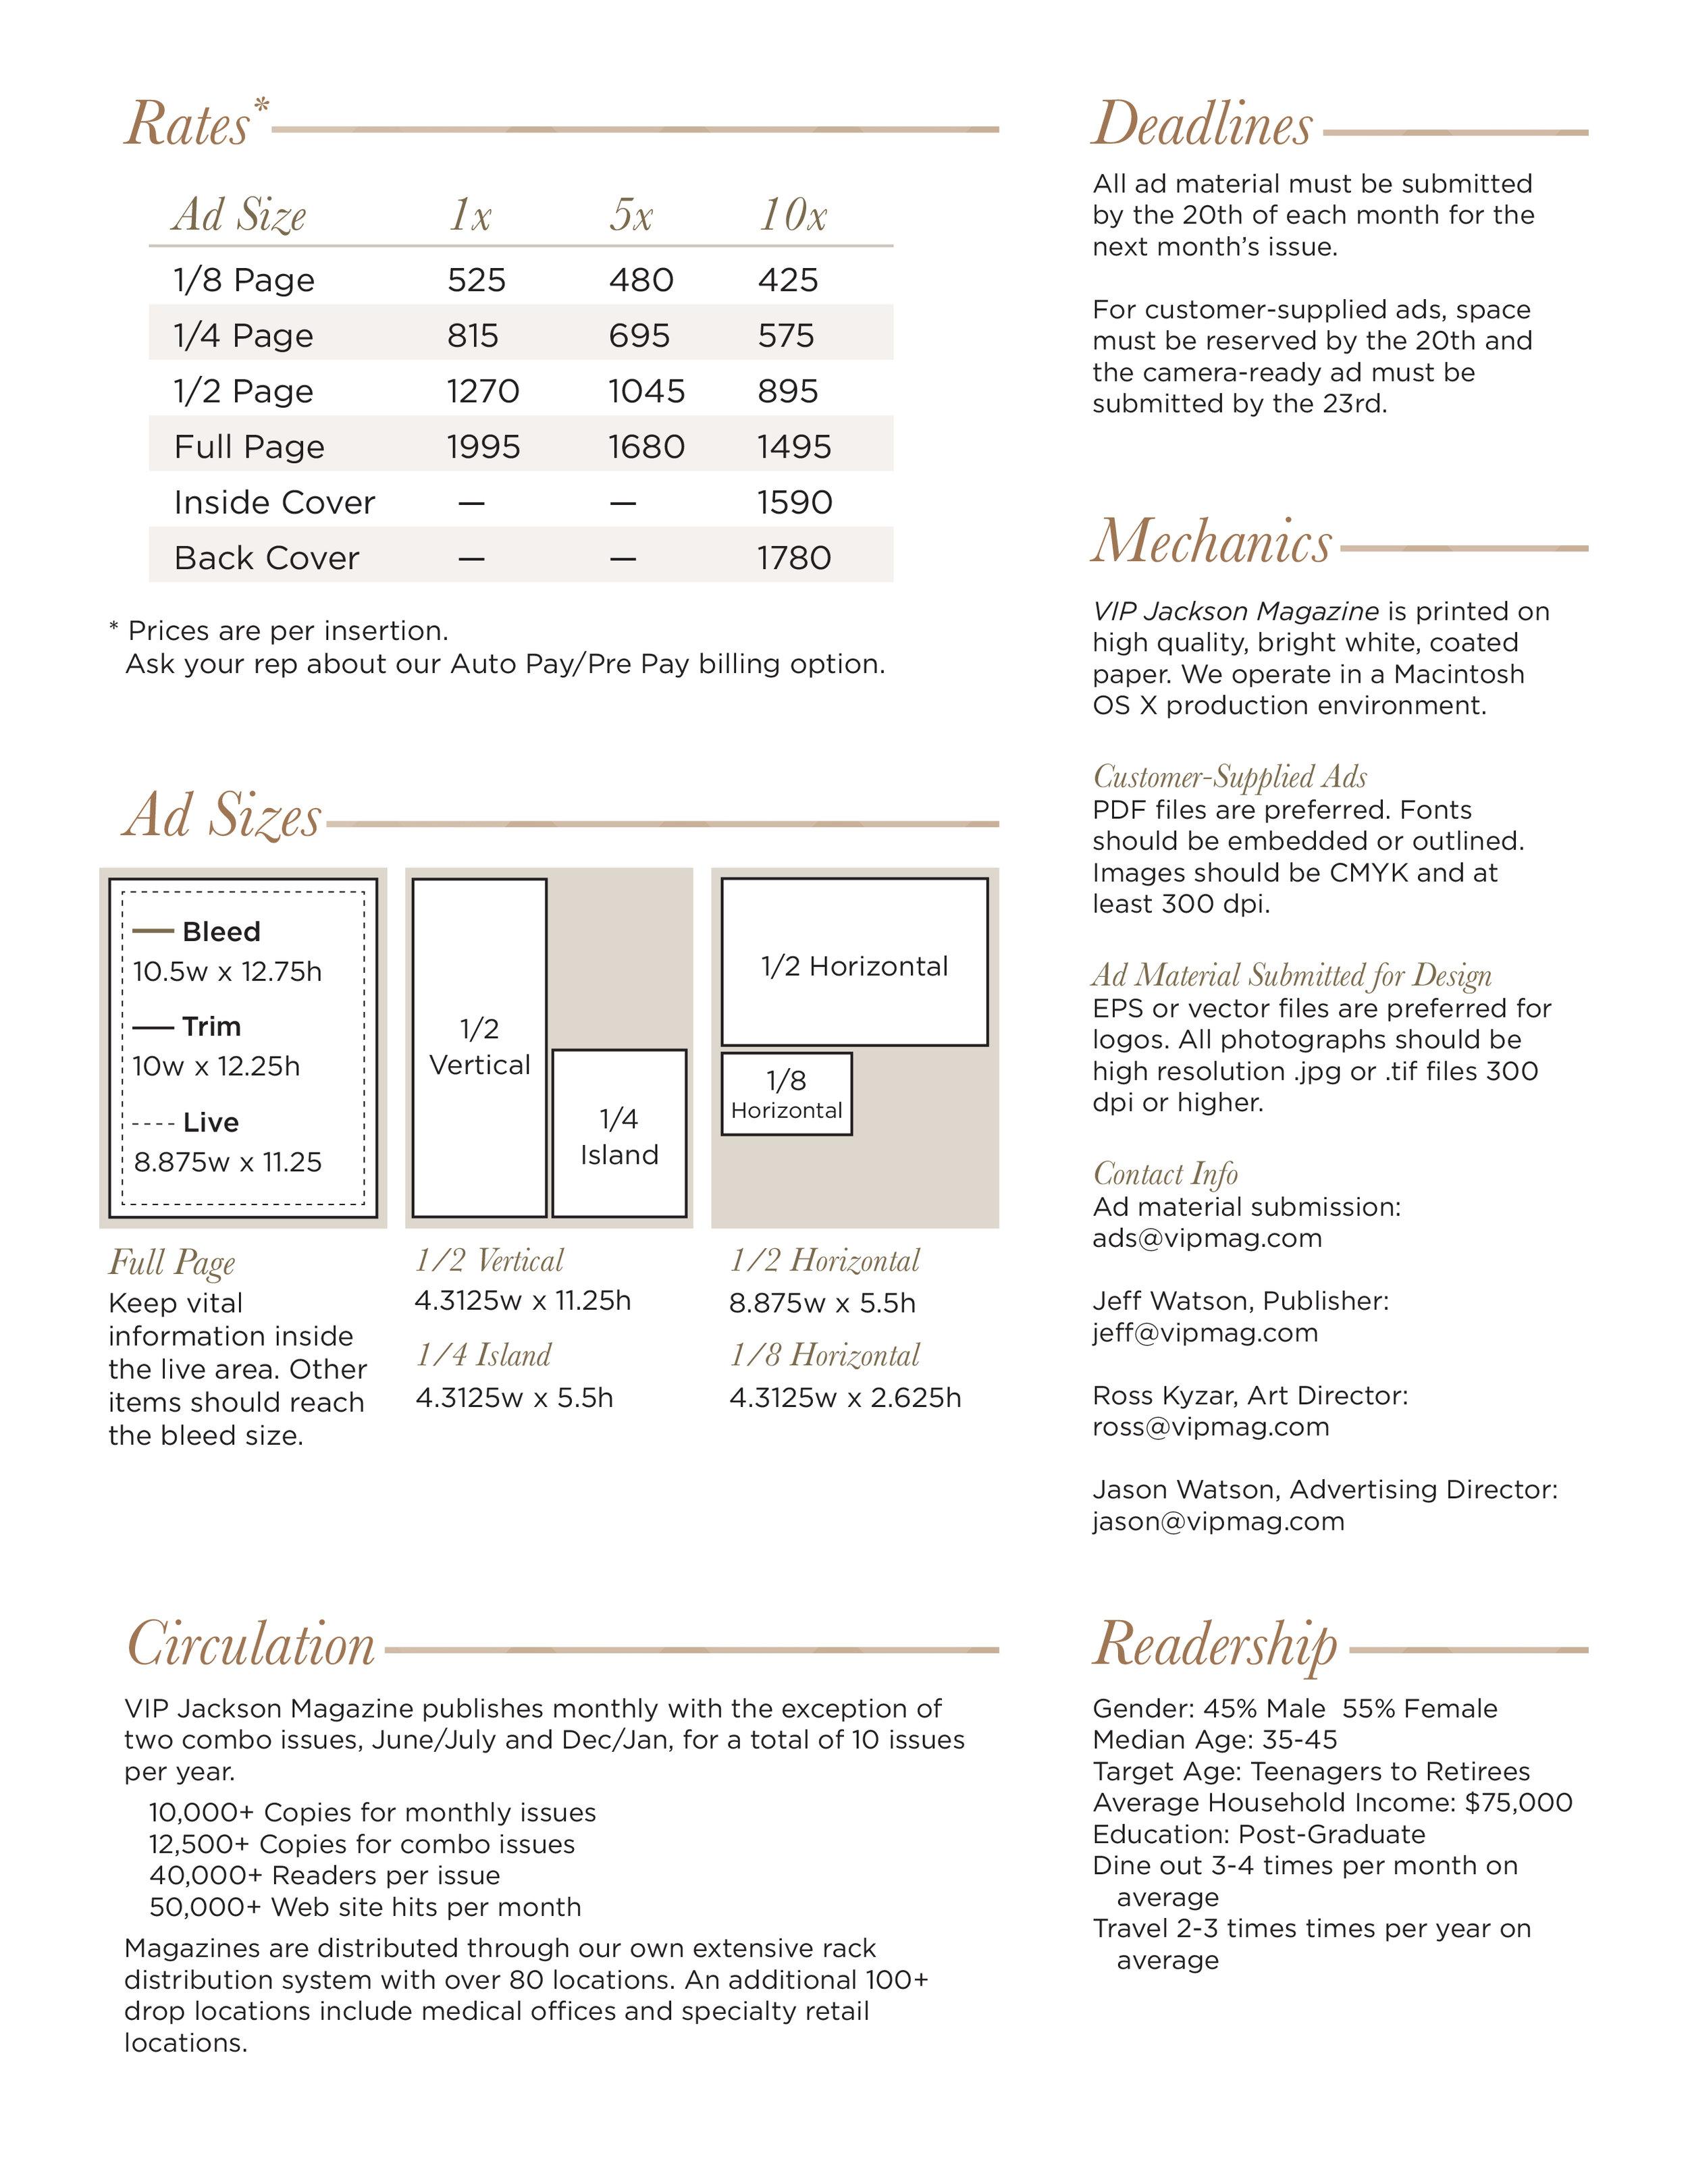 VIPJackson Media Kit 2019-3.jpg